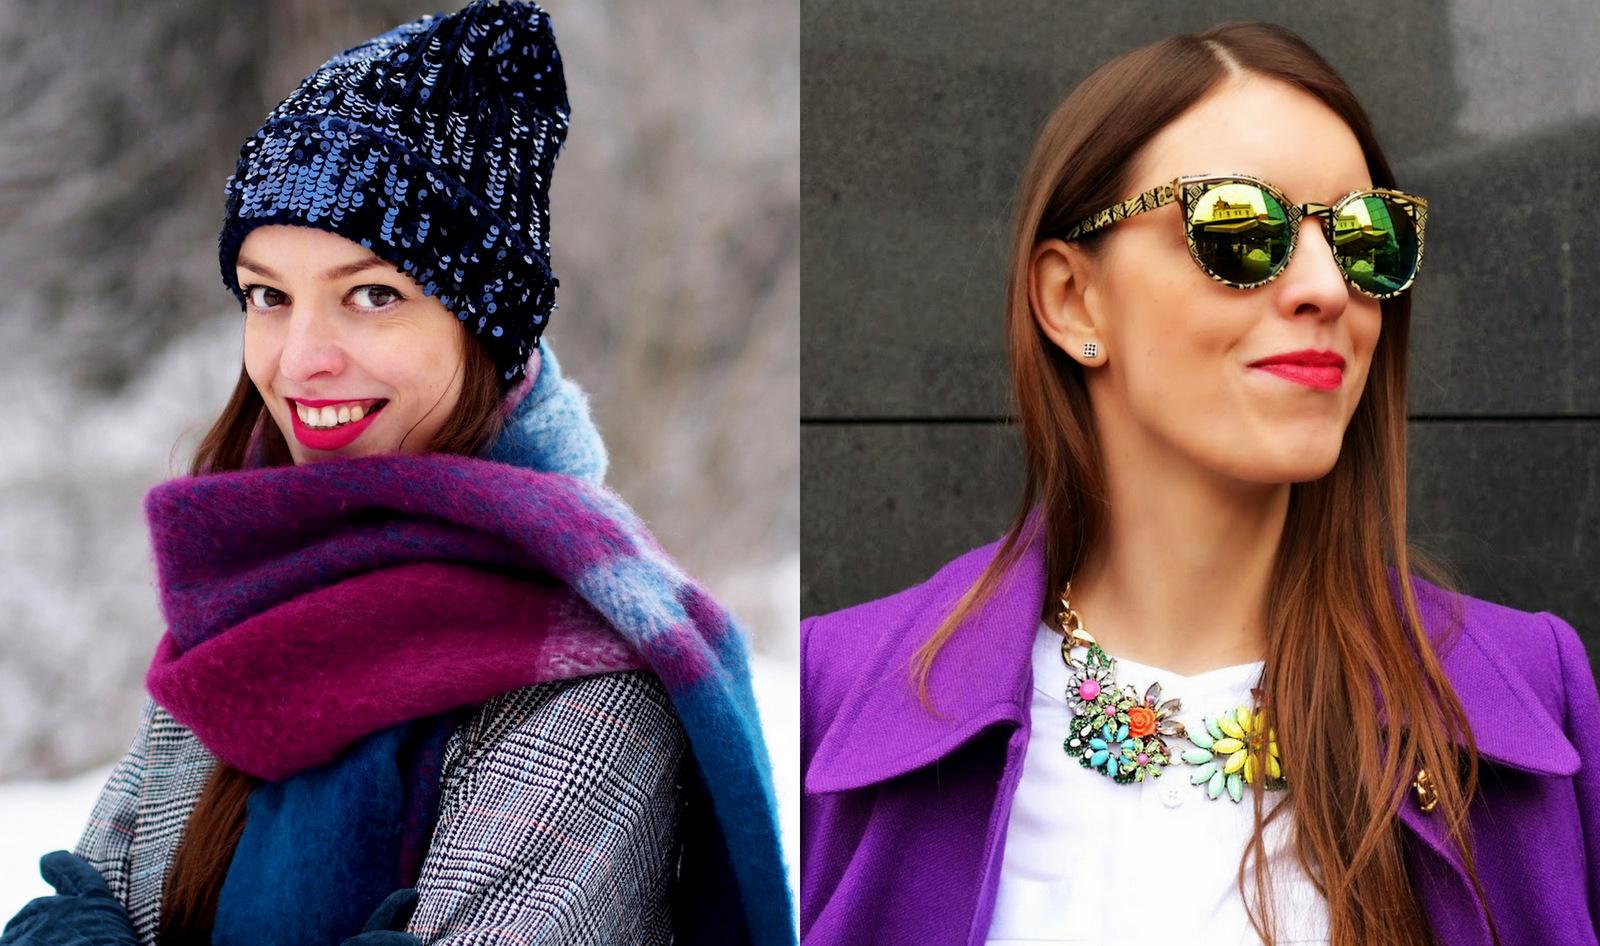 a5e9157a5734 Takisto mám veľa letných aj zimných šálov a šatiek a najobľúbenejší kúsok  je už spomínaný fialový kabát